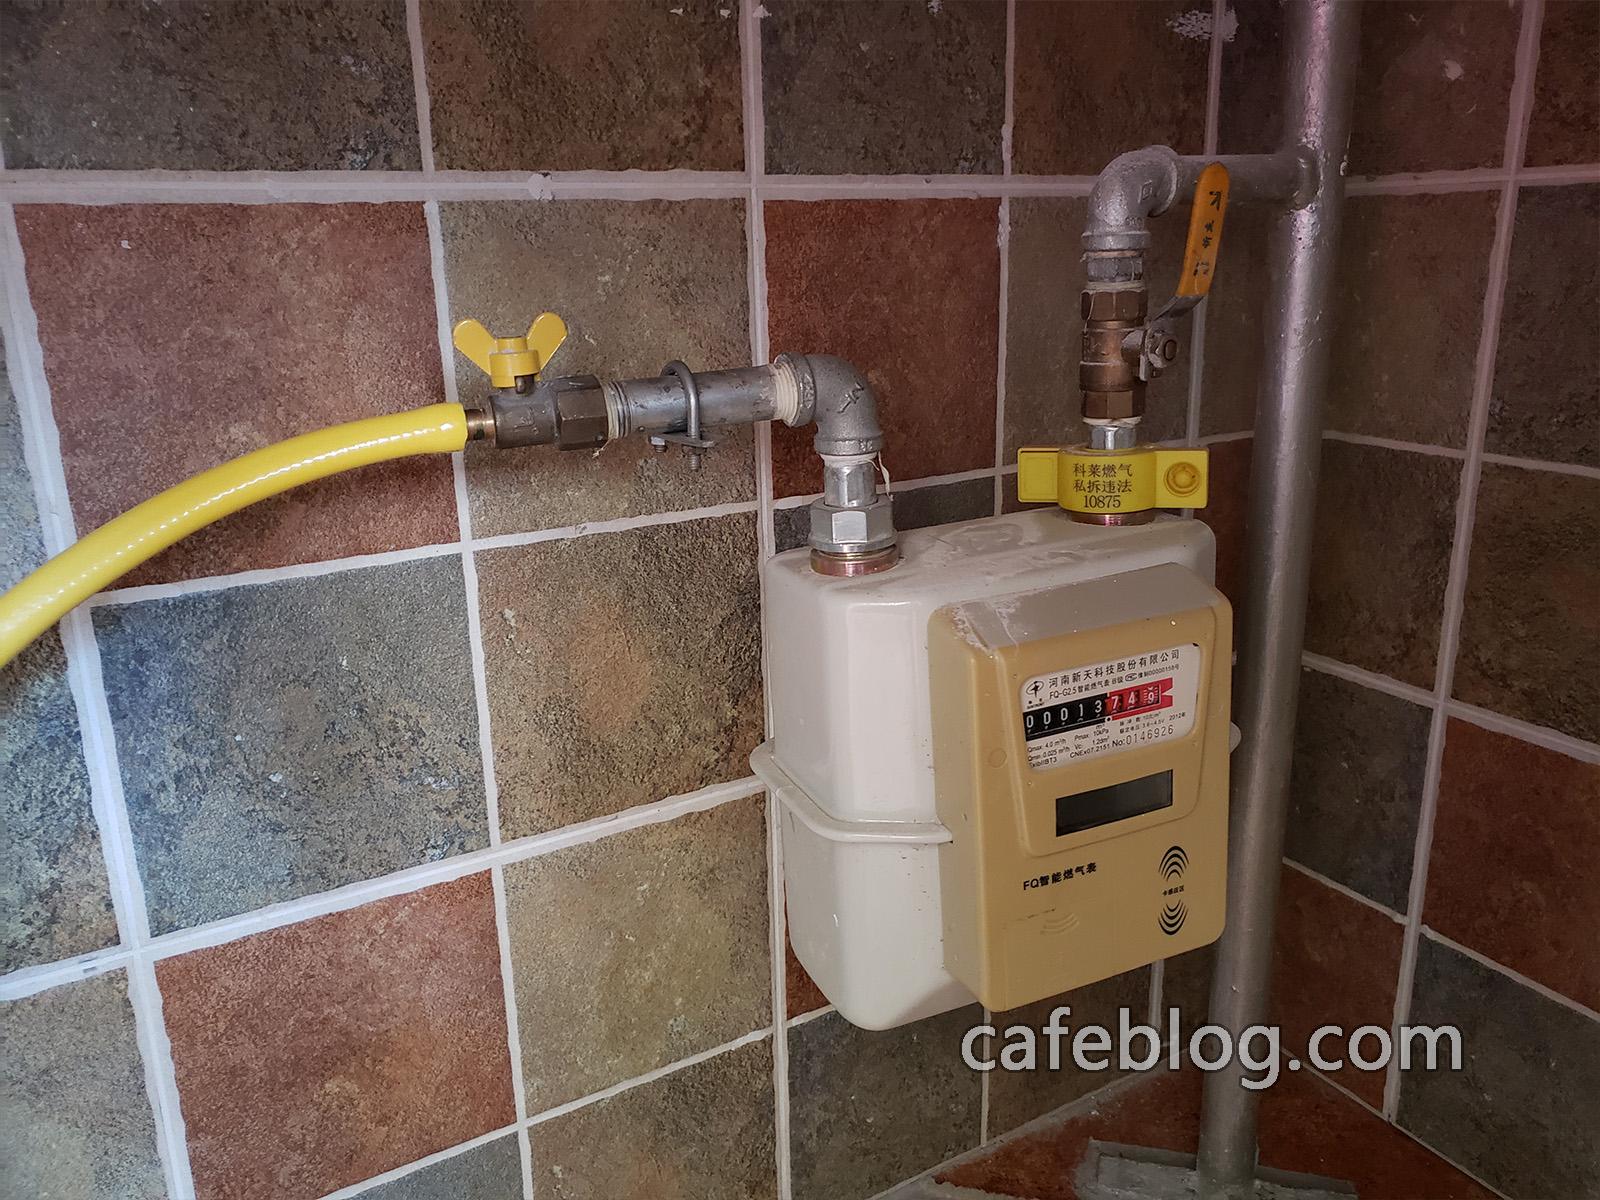 这次安装的DISCOVERY咖啡烘焙机是天然气版,所以接天然气。